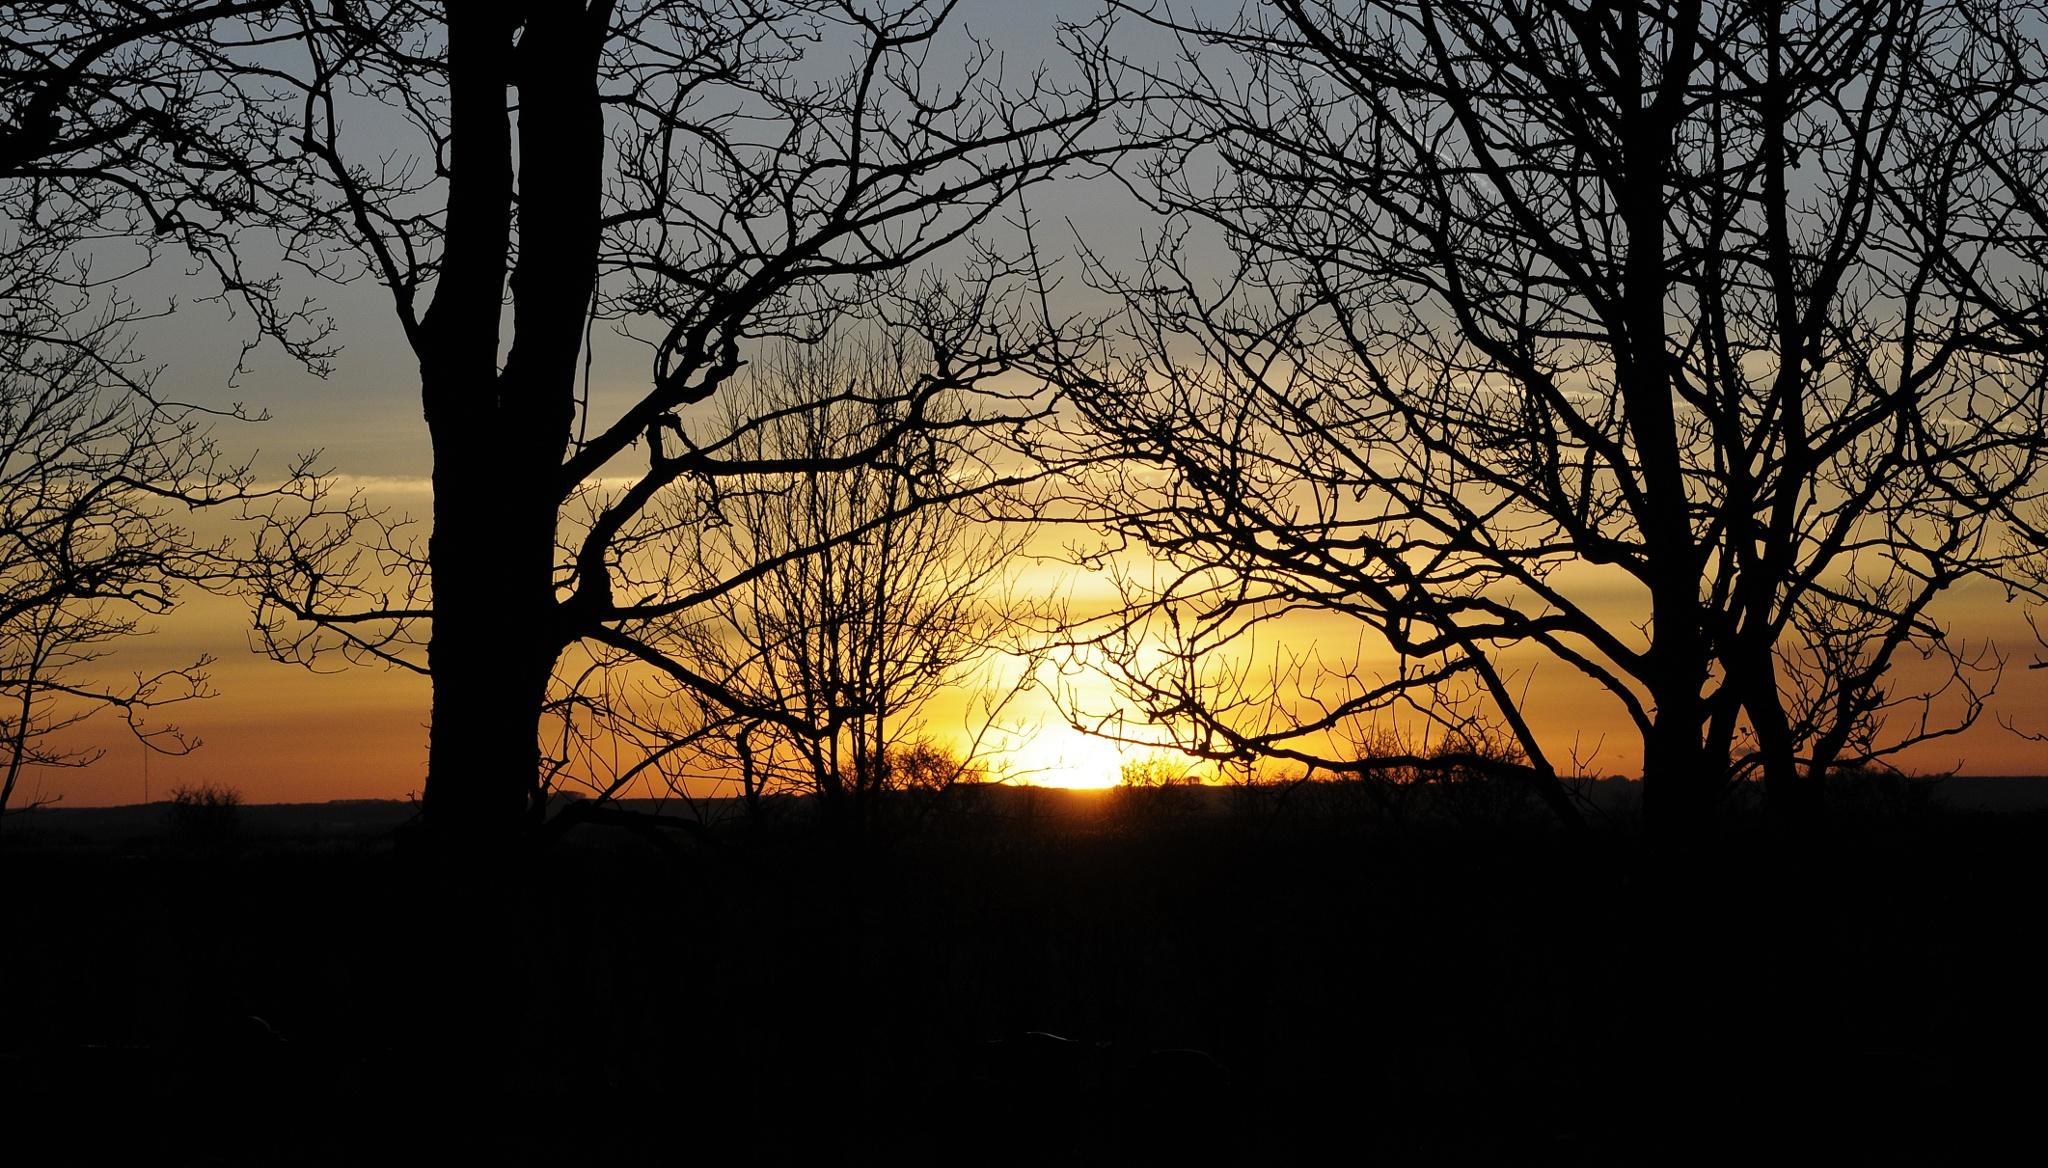 Sunset by sandragillian.white